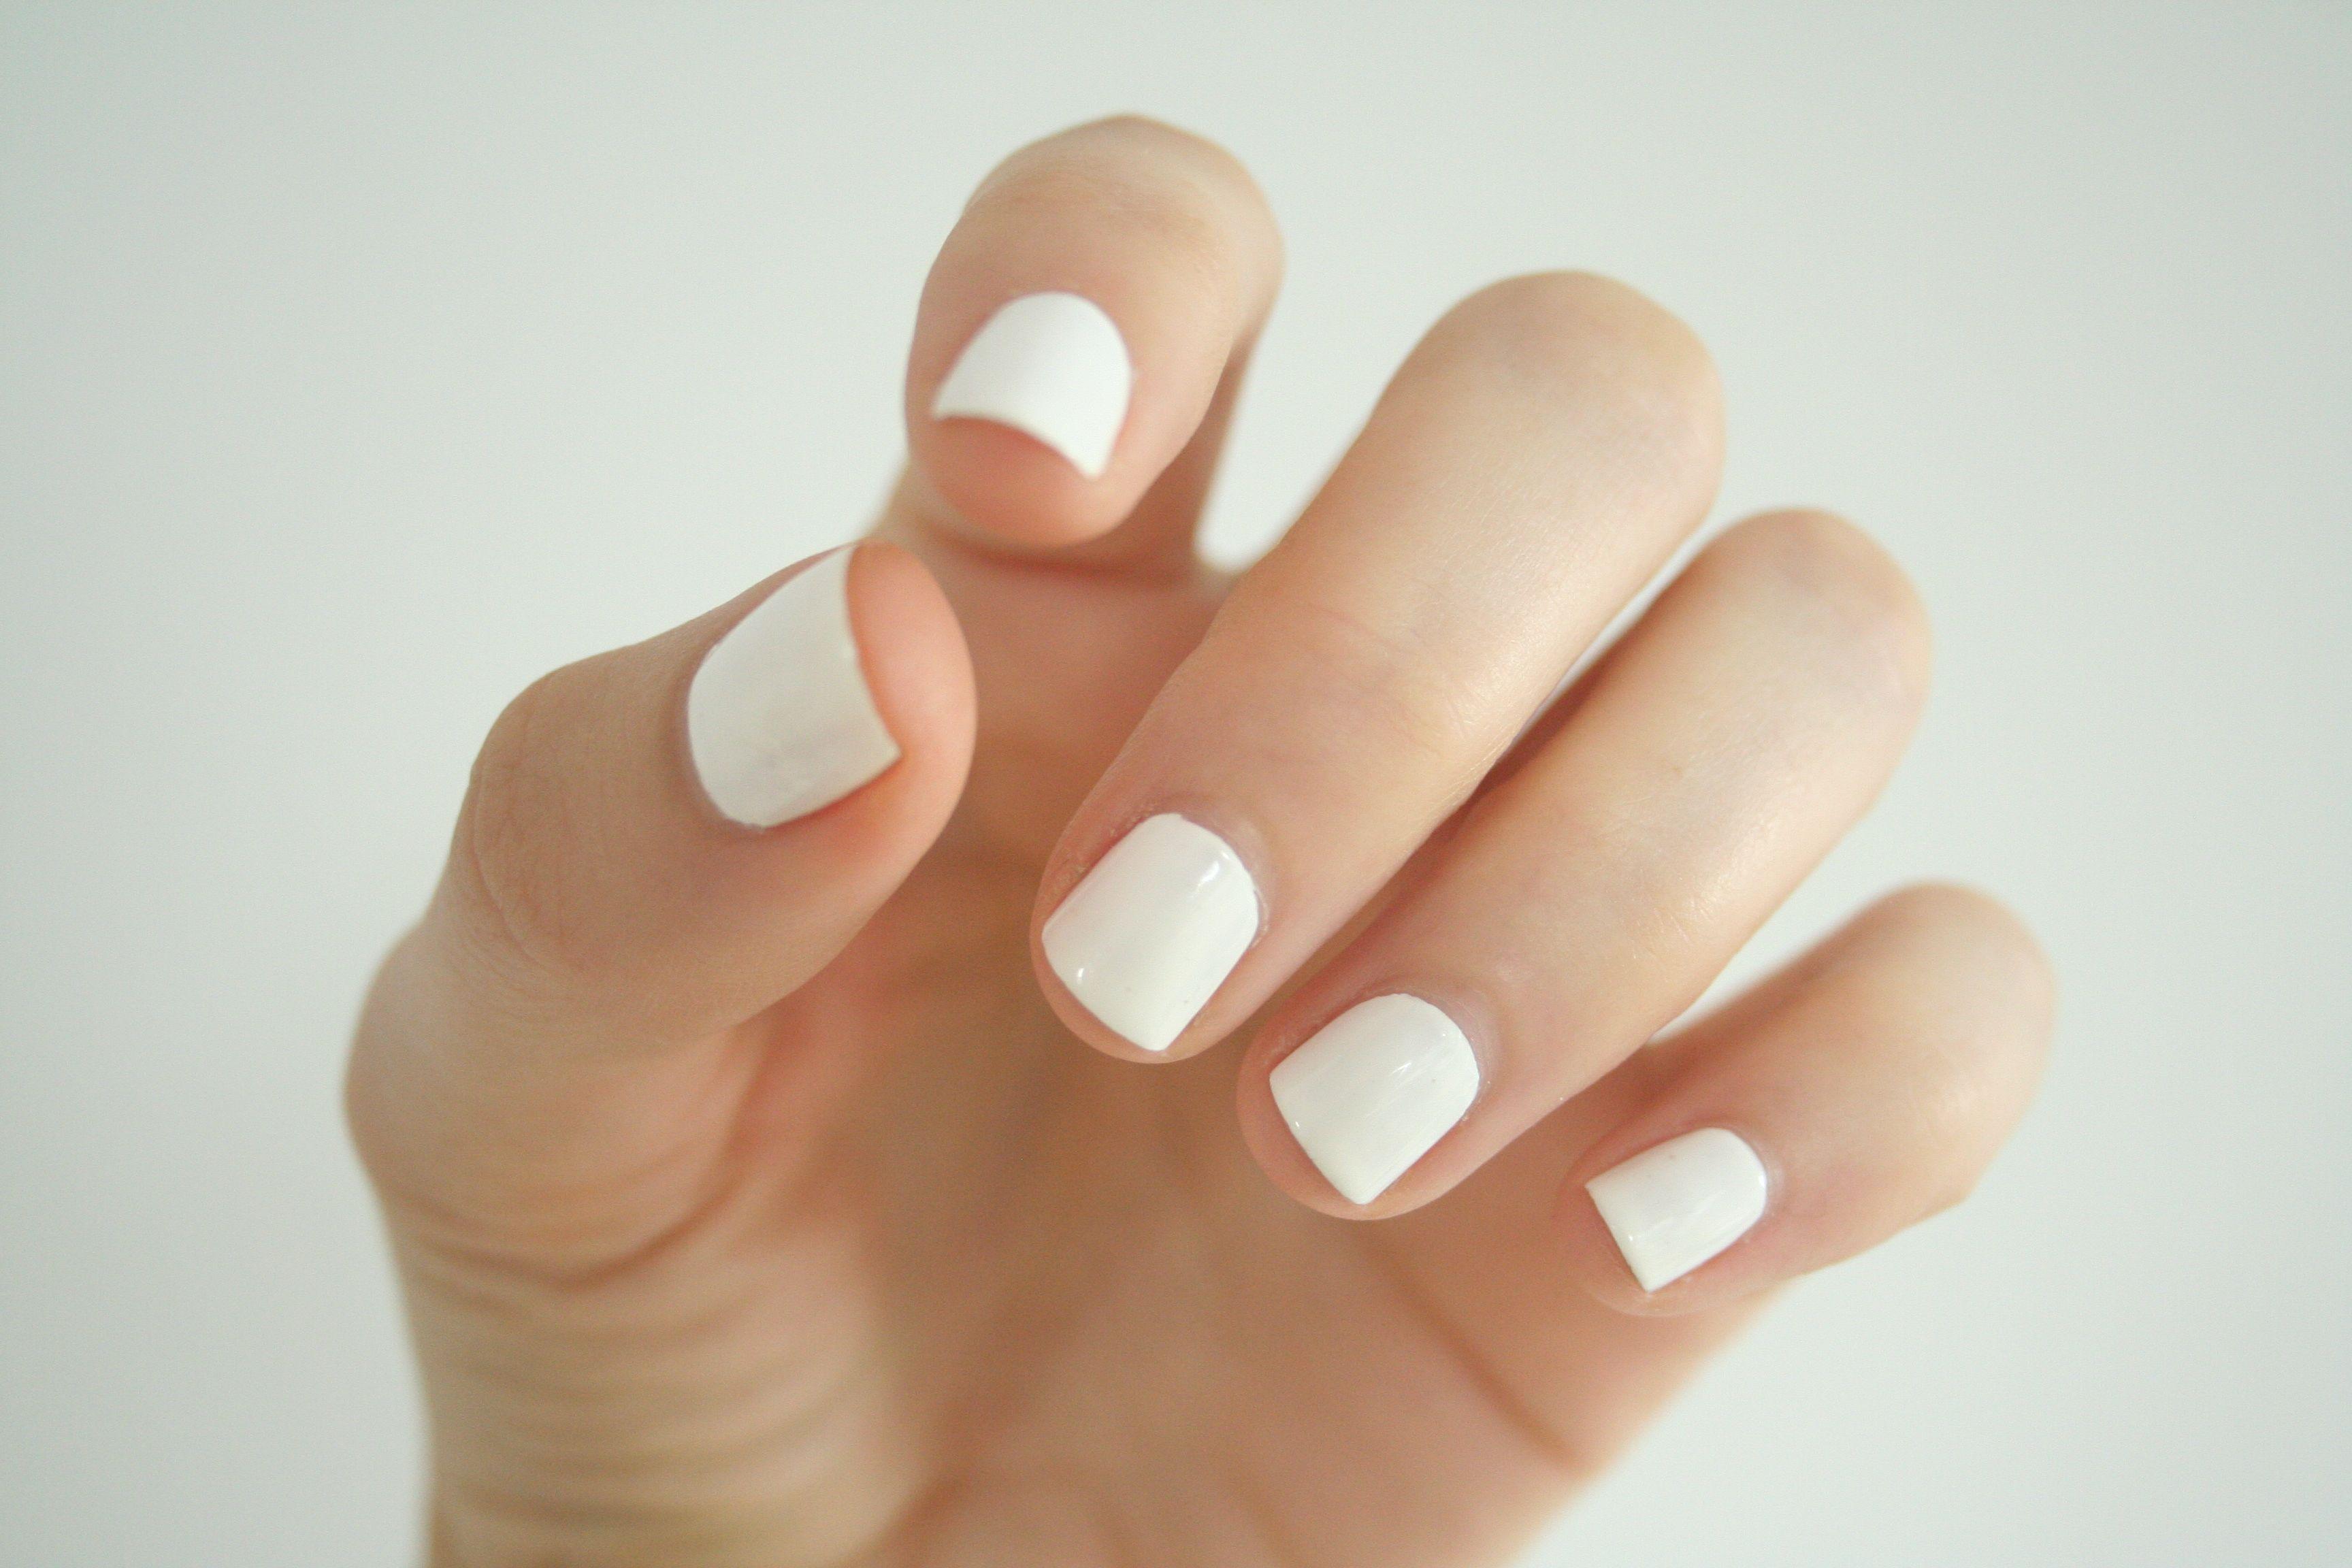 хотела картинки белых ногтей на руках получила